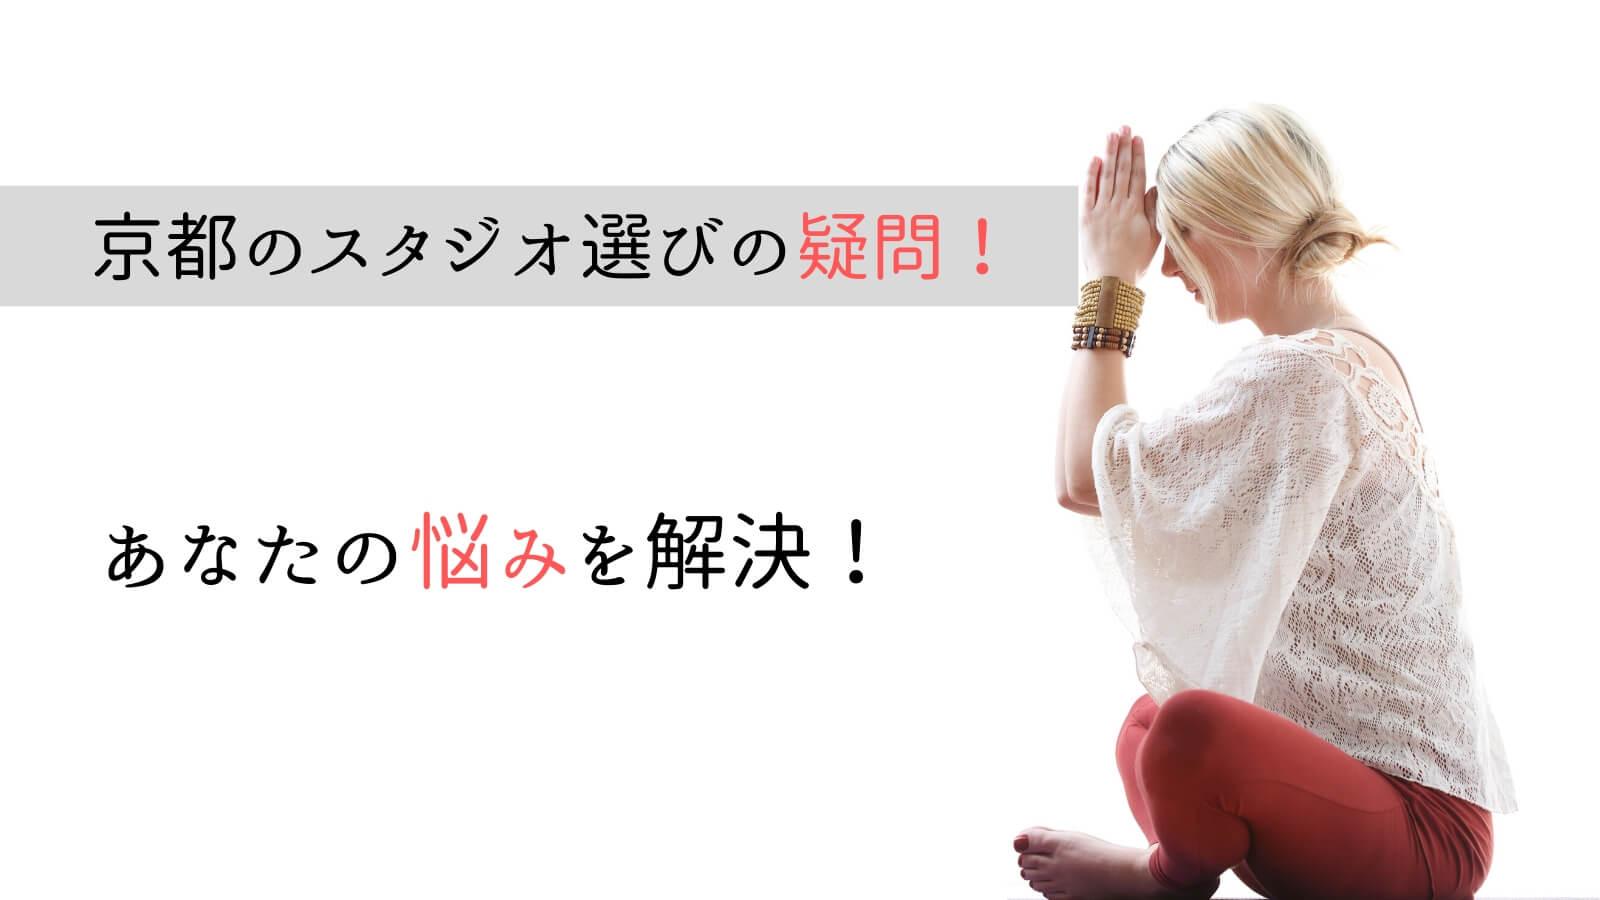 京都でのヨガ・ホットヨガスタジオ選びに関するQ&A